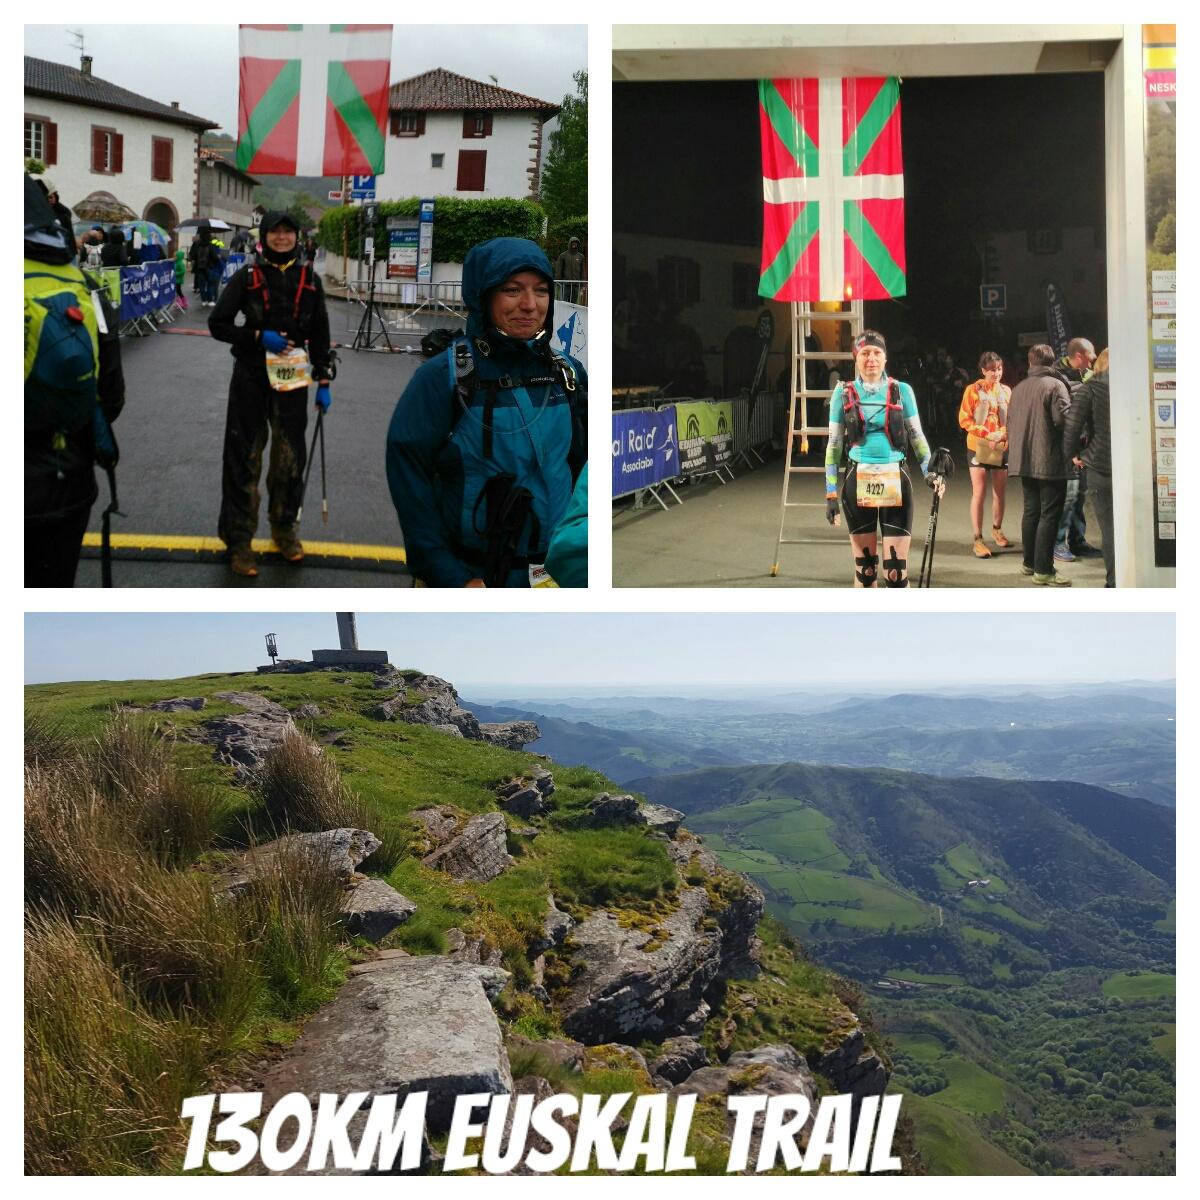 À De Compte Nora Trail L'euskal 130 Km Rendu qSVpGMUz